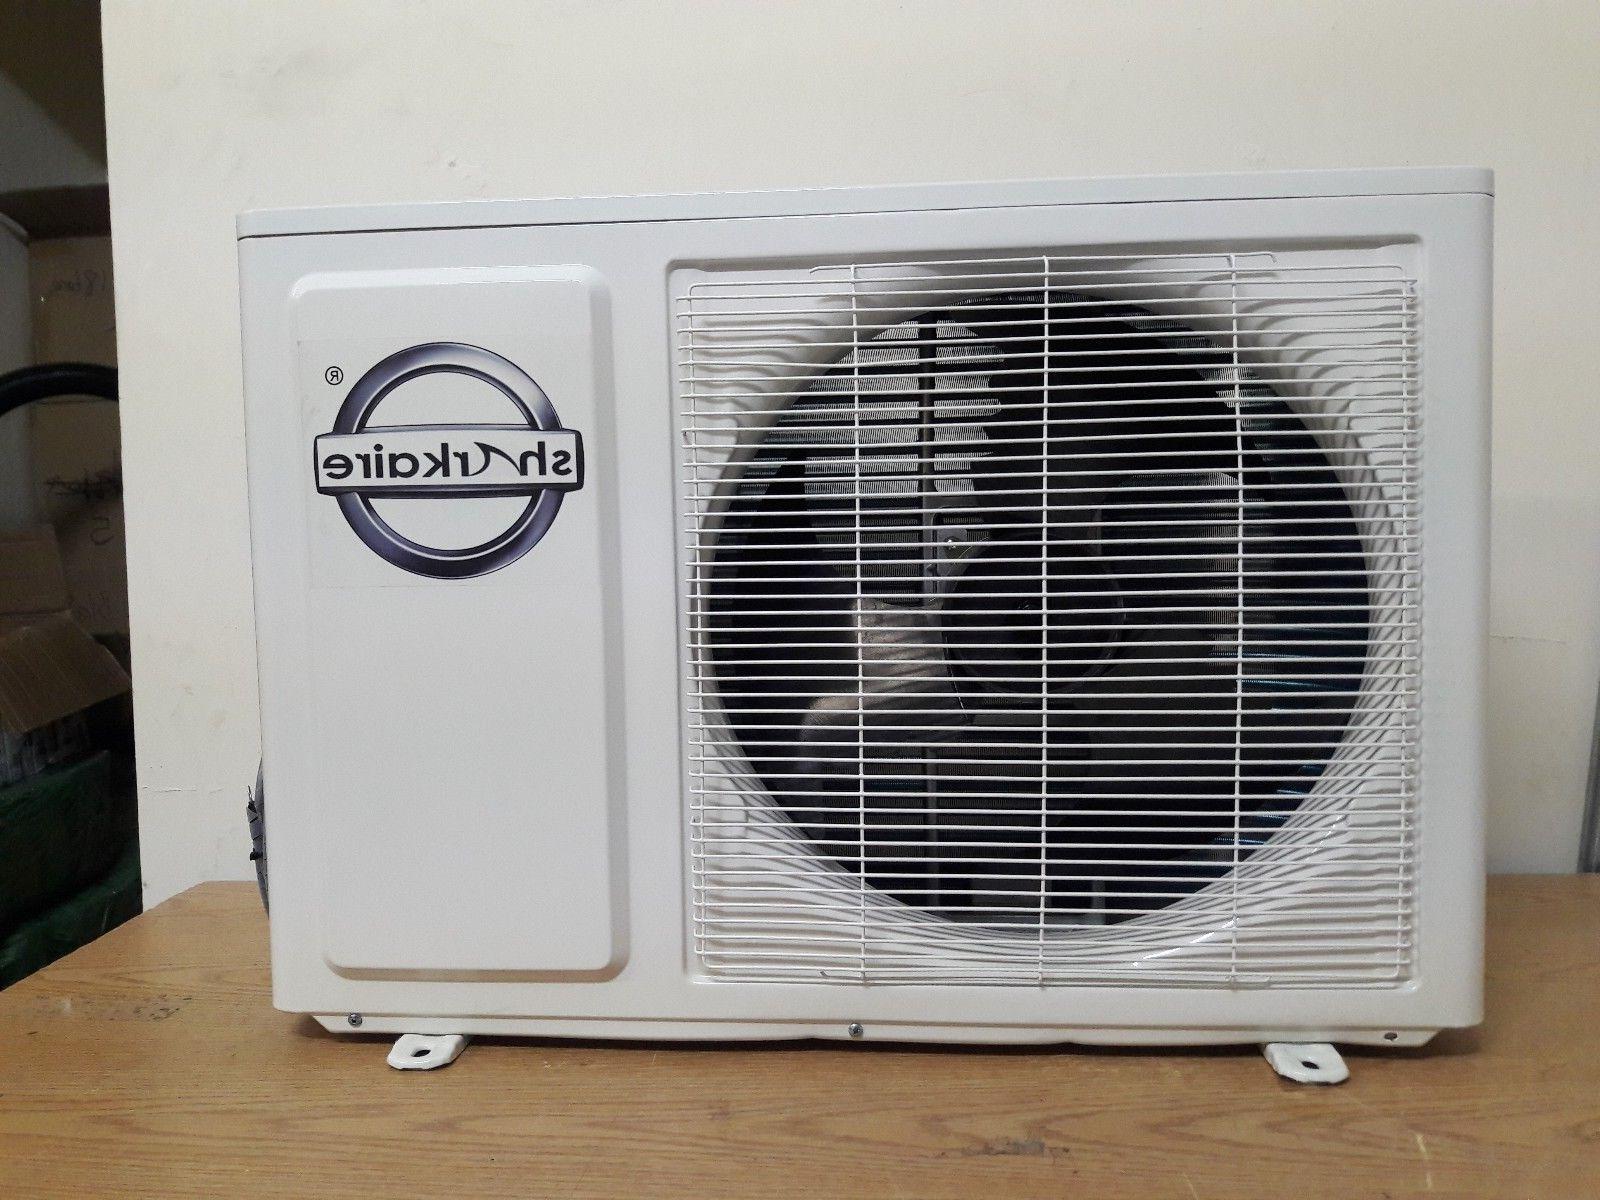 Super Efficient Ductless Mini Conditioner